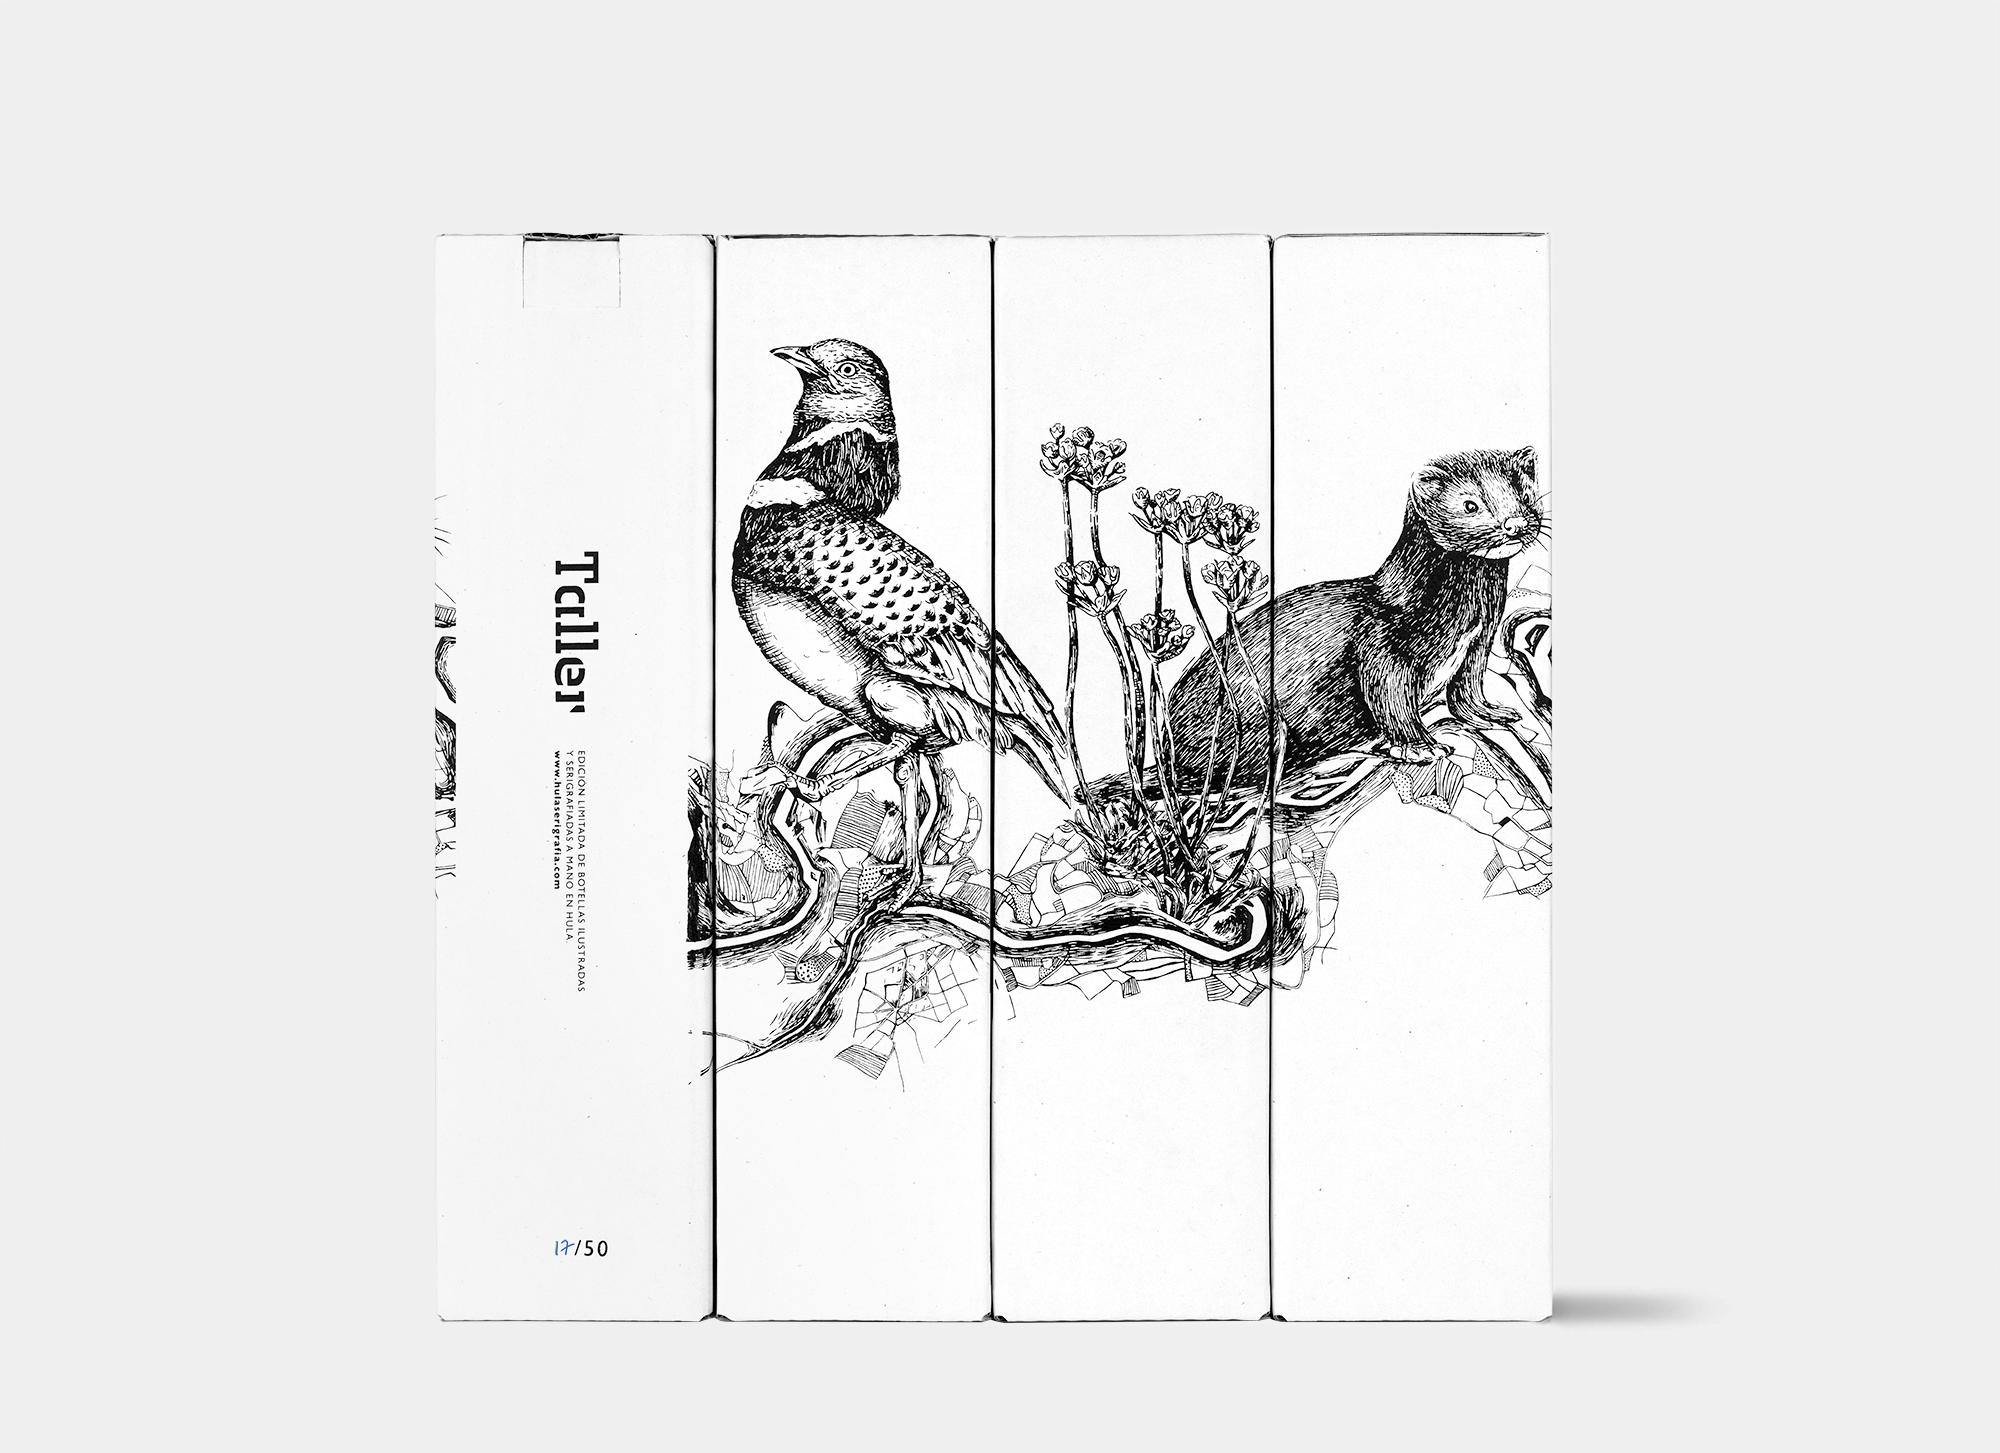 Ilustración y diseño de packaging Taller. Reivindicación de la flora y fauna en extinción de La Rioja.